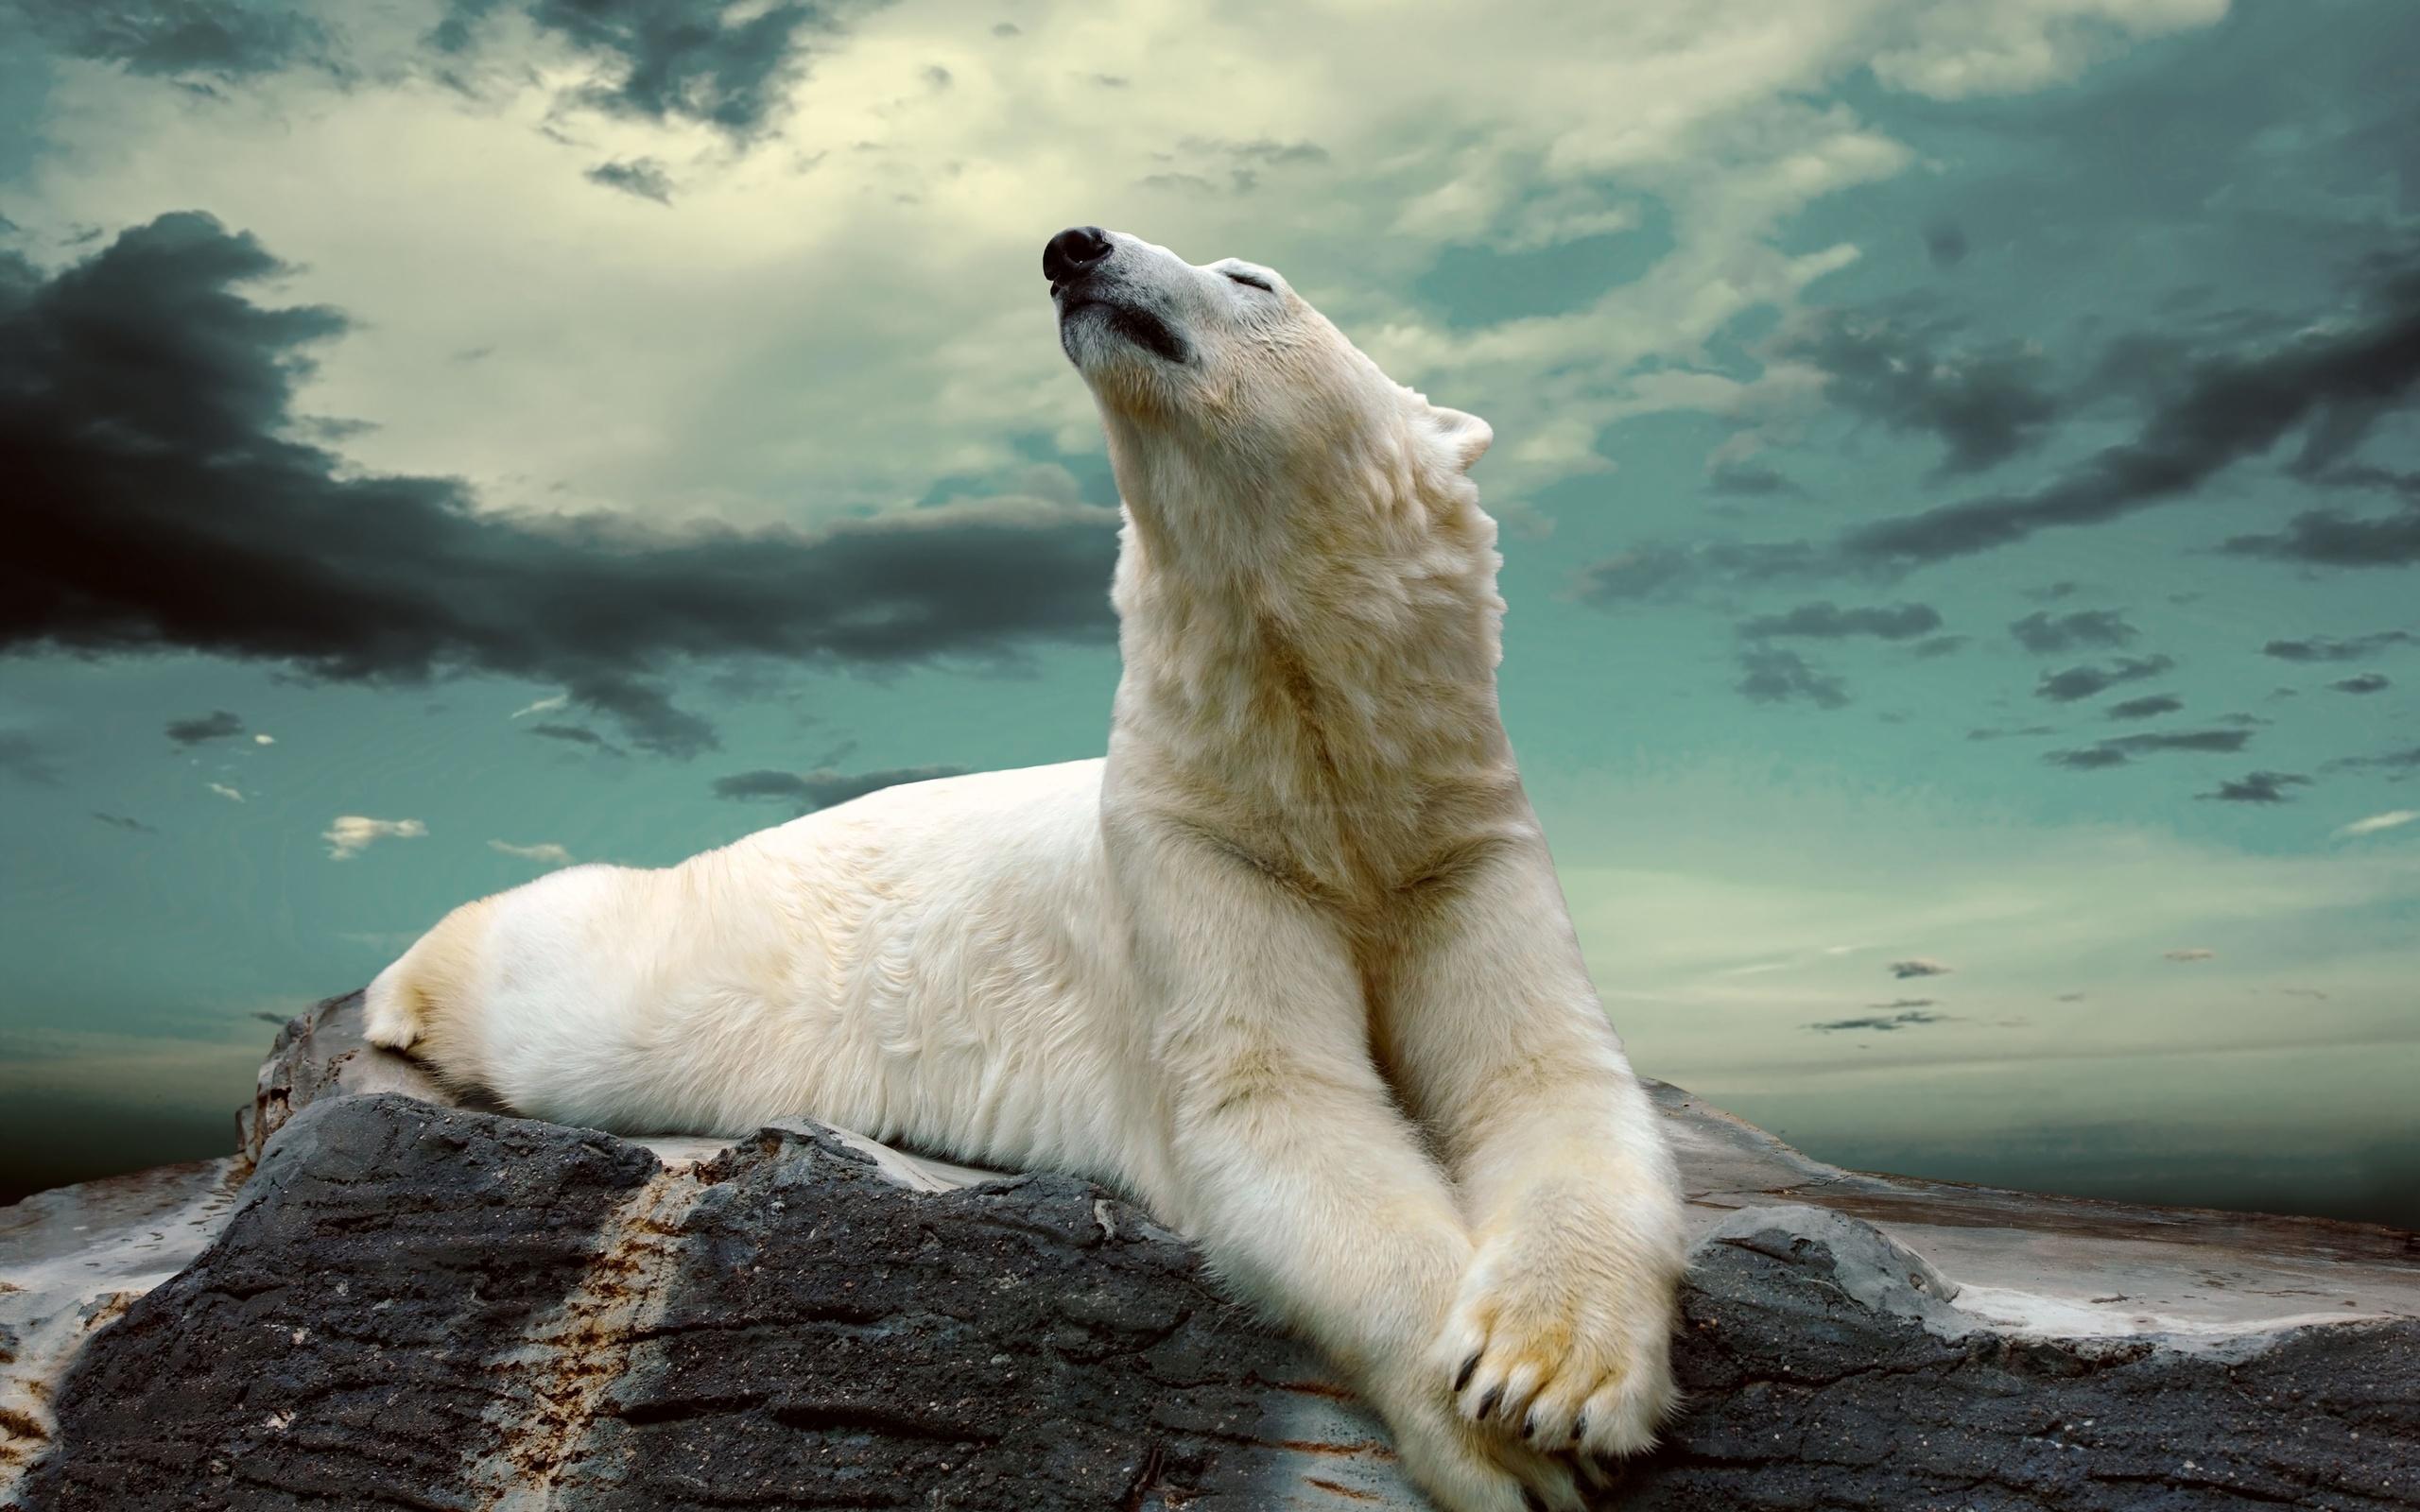 hình ảnh gấu bắc cực đẹp